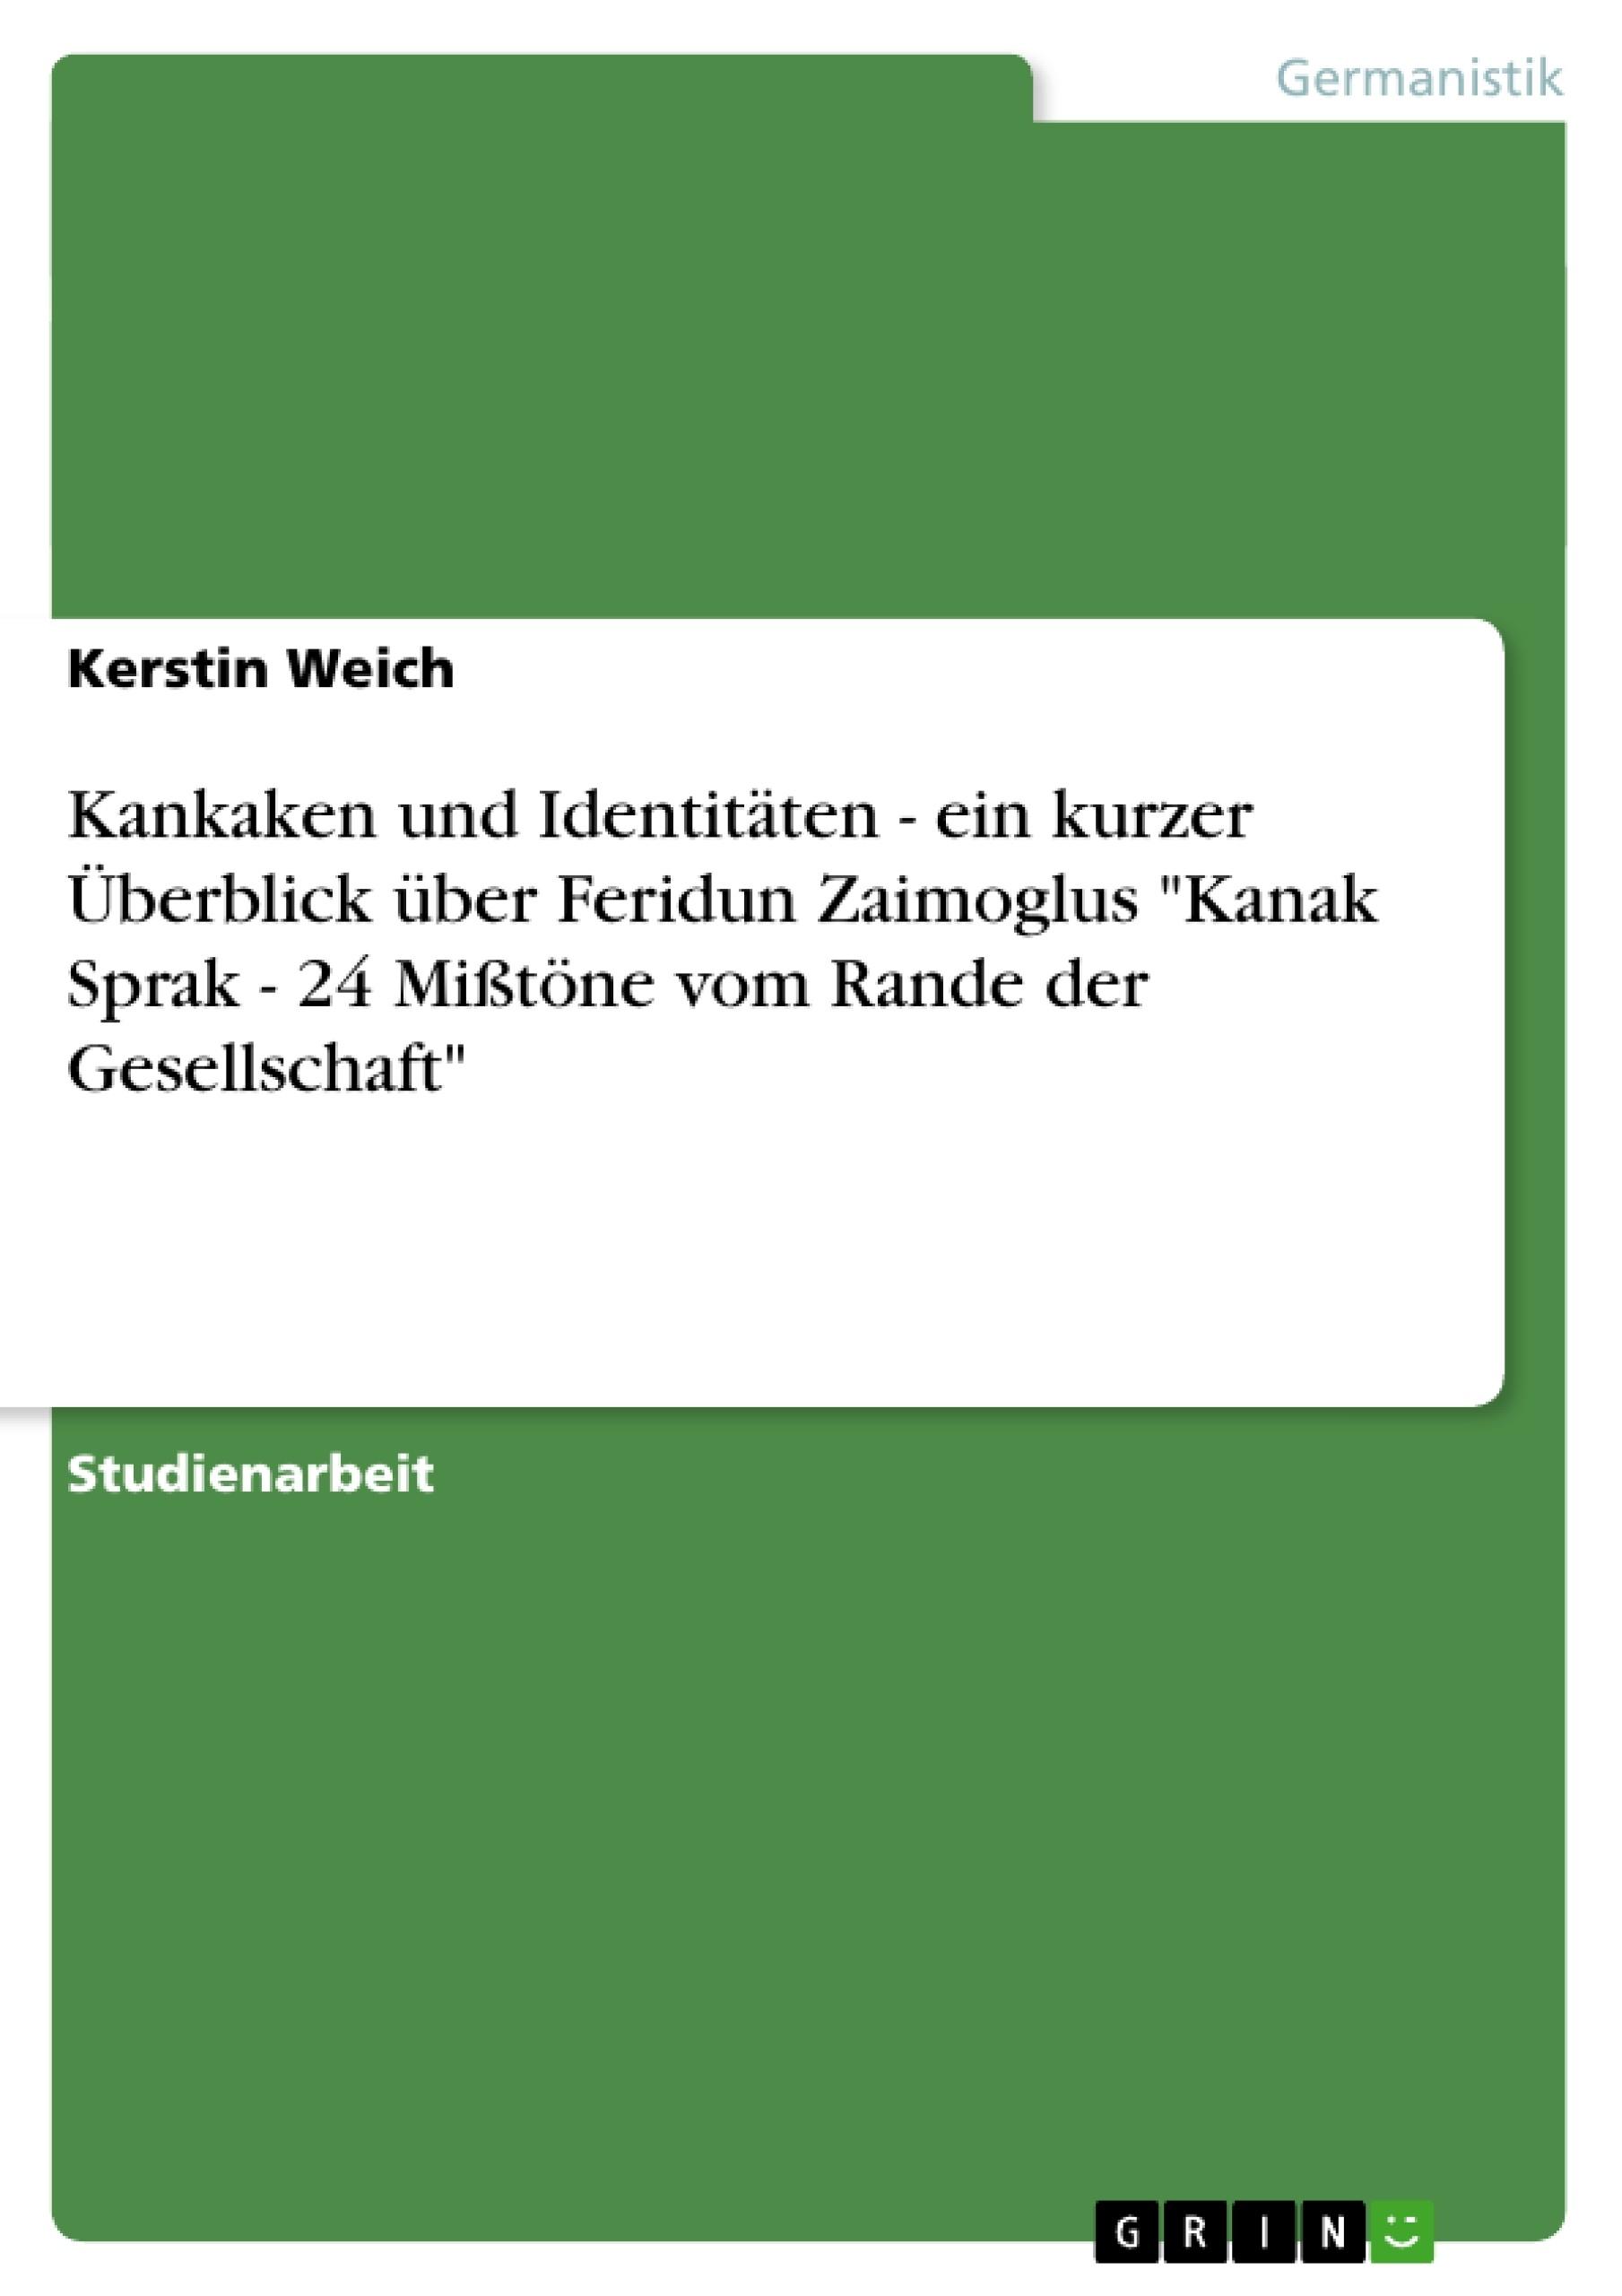 """Titel: Kankaken und Identitäten - ein kurzer Überblick über Feridun Zaimoglus """"Kanak Sprak - 24 Mißtöne vom Rande der Gesellschaft"""""""